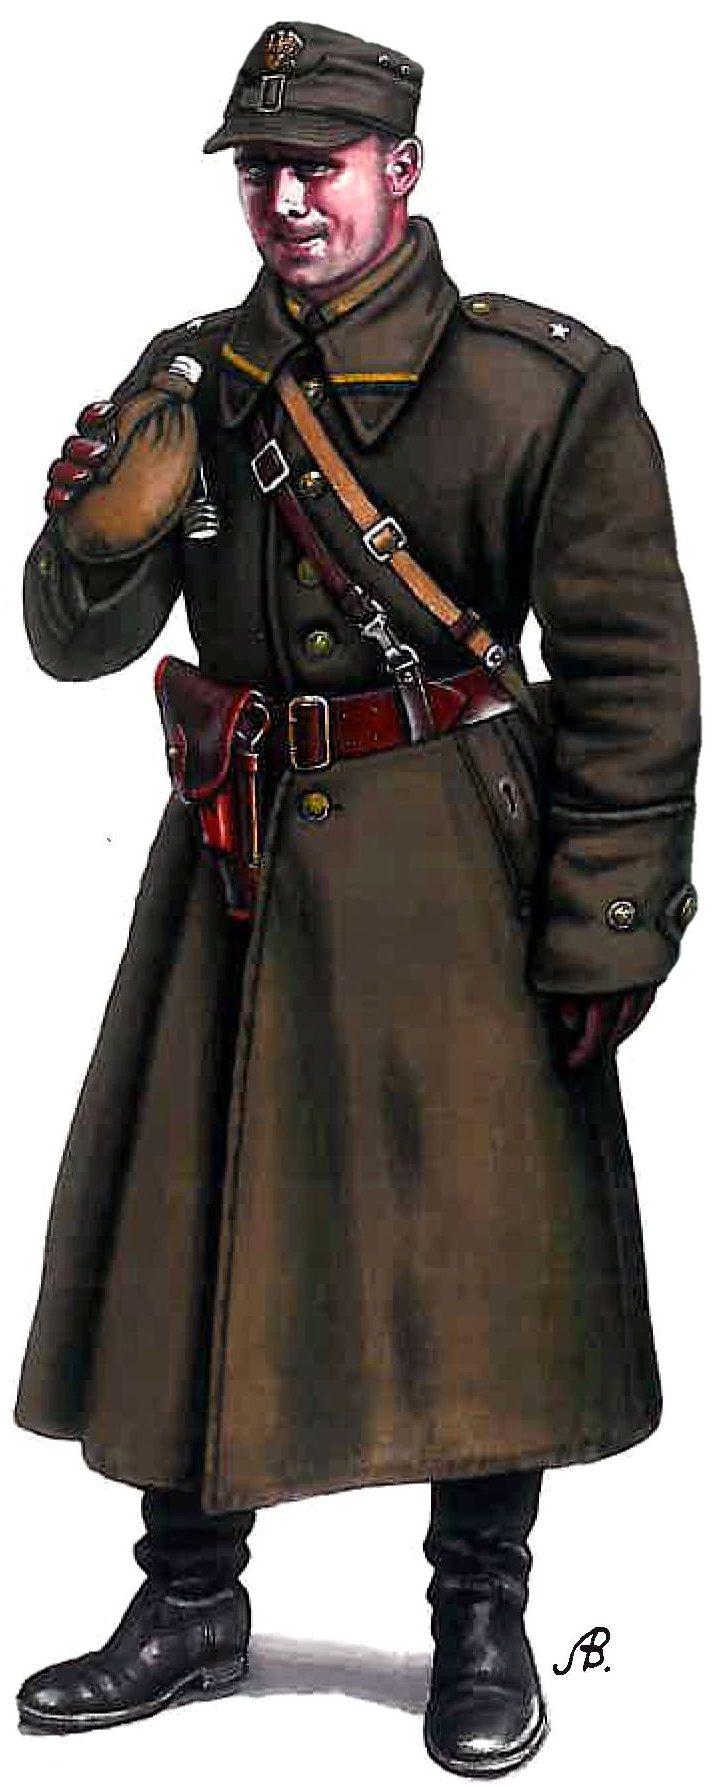 Bulczynki Arnold. Польский офицер.